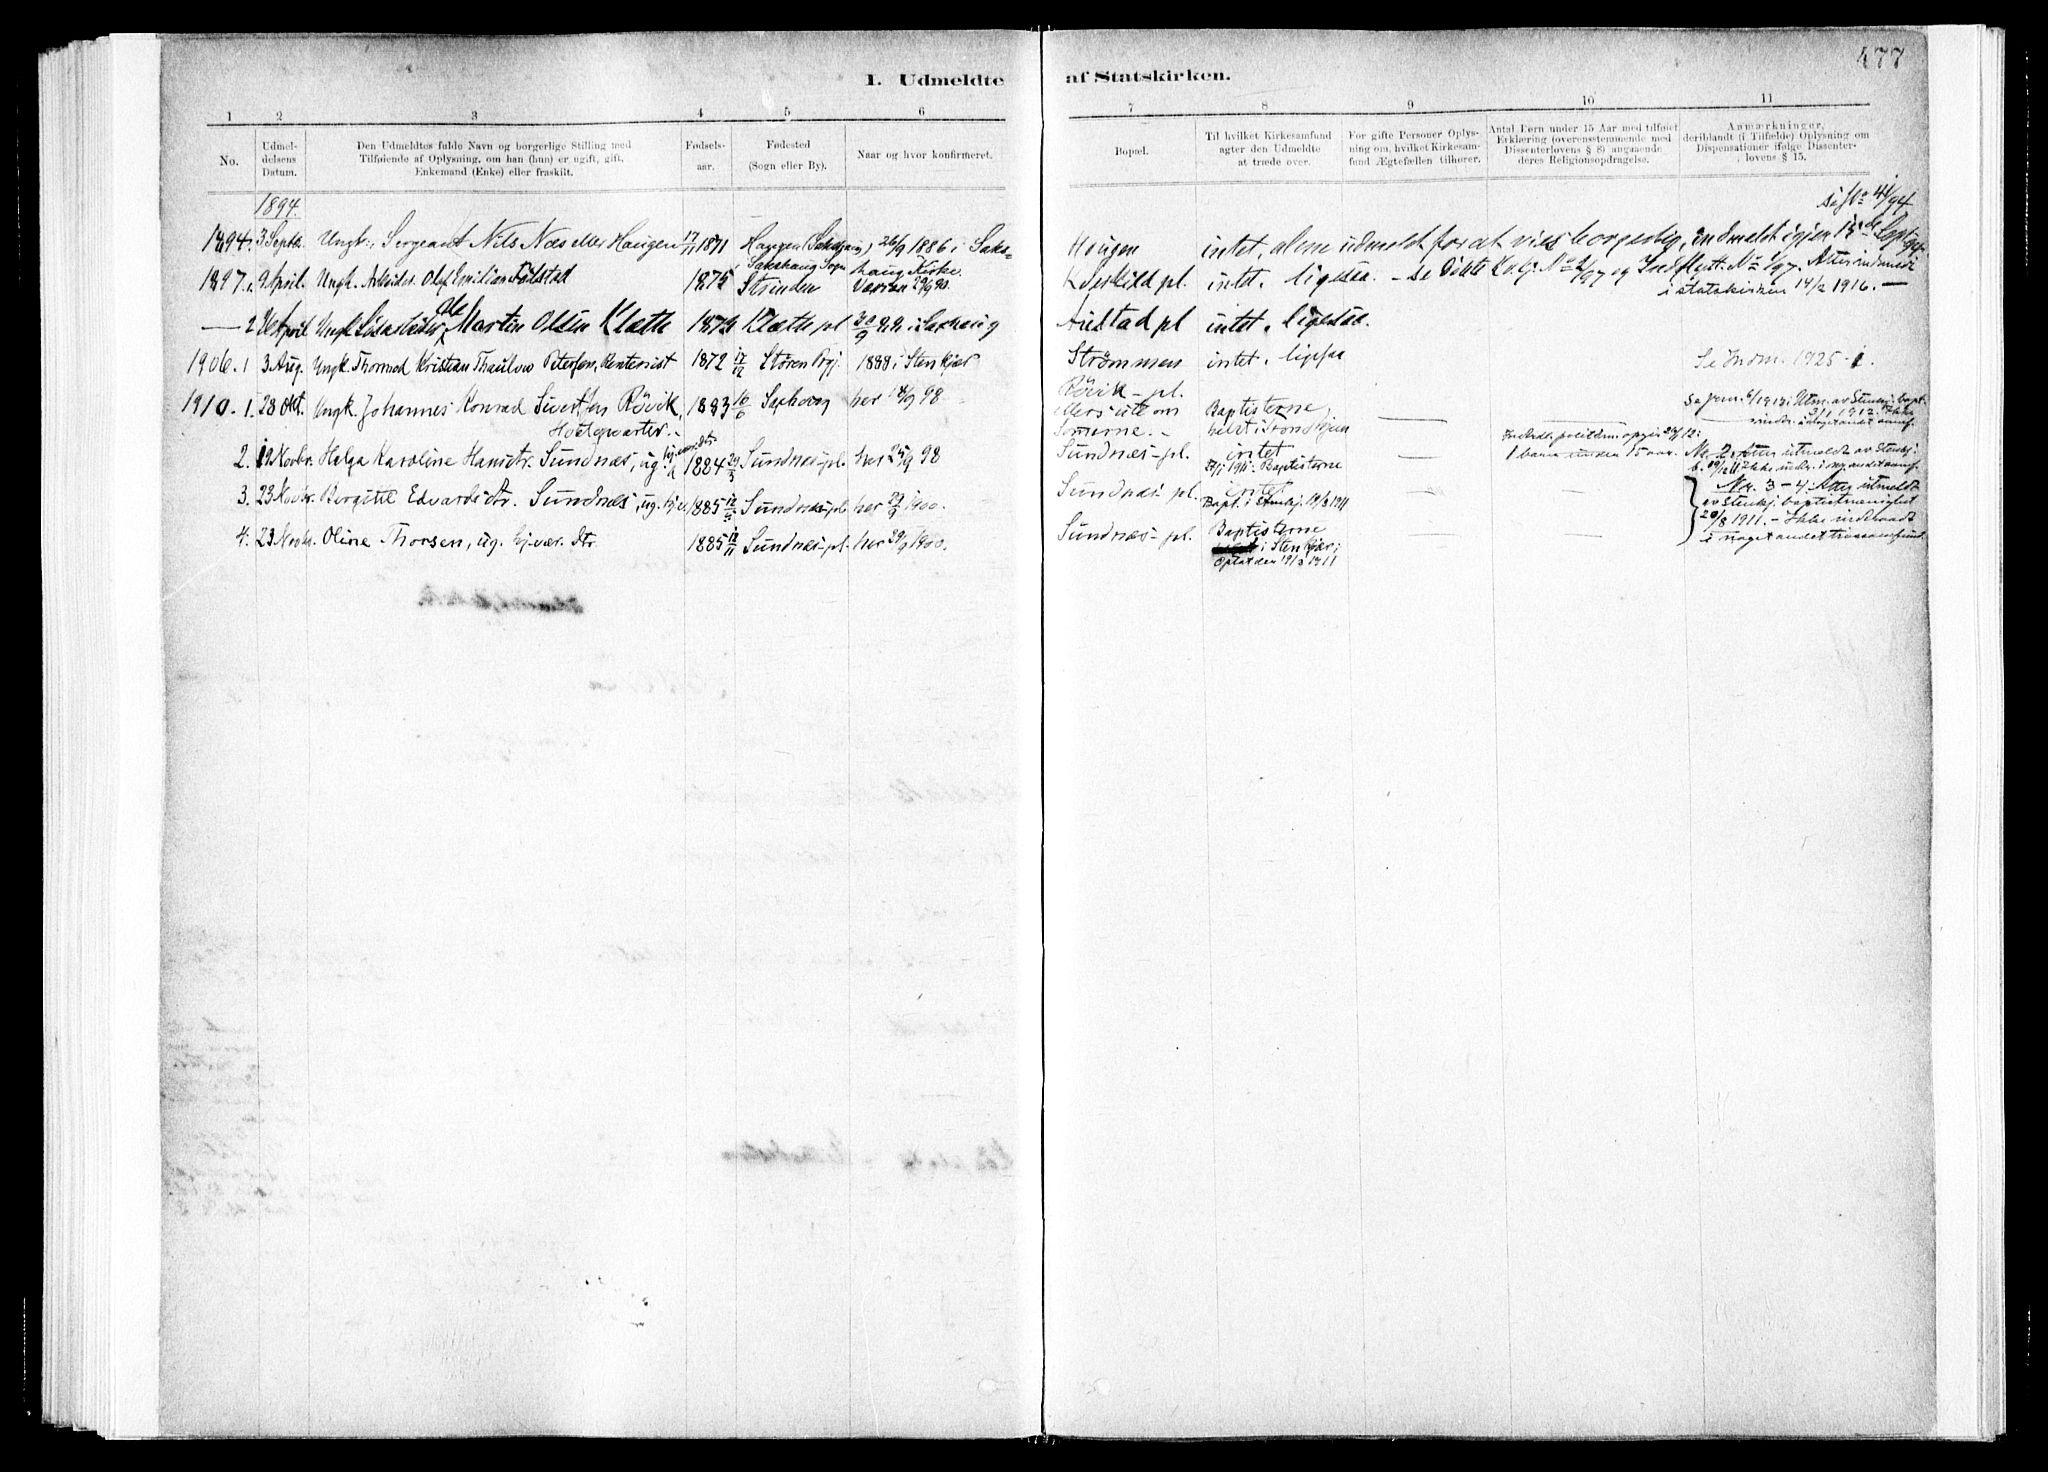 SAT, Ministerialprotokoller, klokkerbøker og fødselsregistre - Nord-Trøndelag, 730/L0285: Ministerialbok nr. 730A10, 1879-1914, s. 477